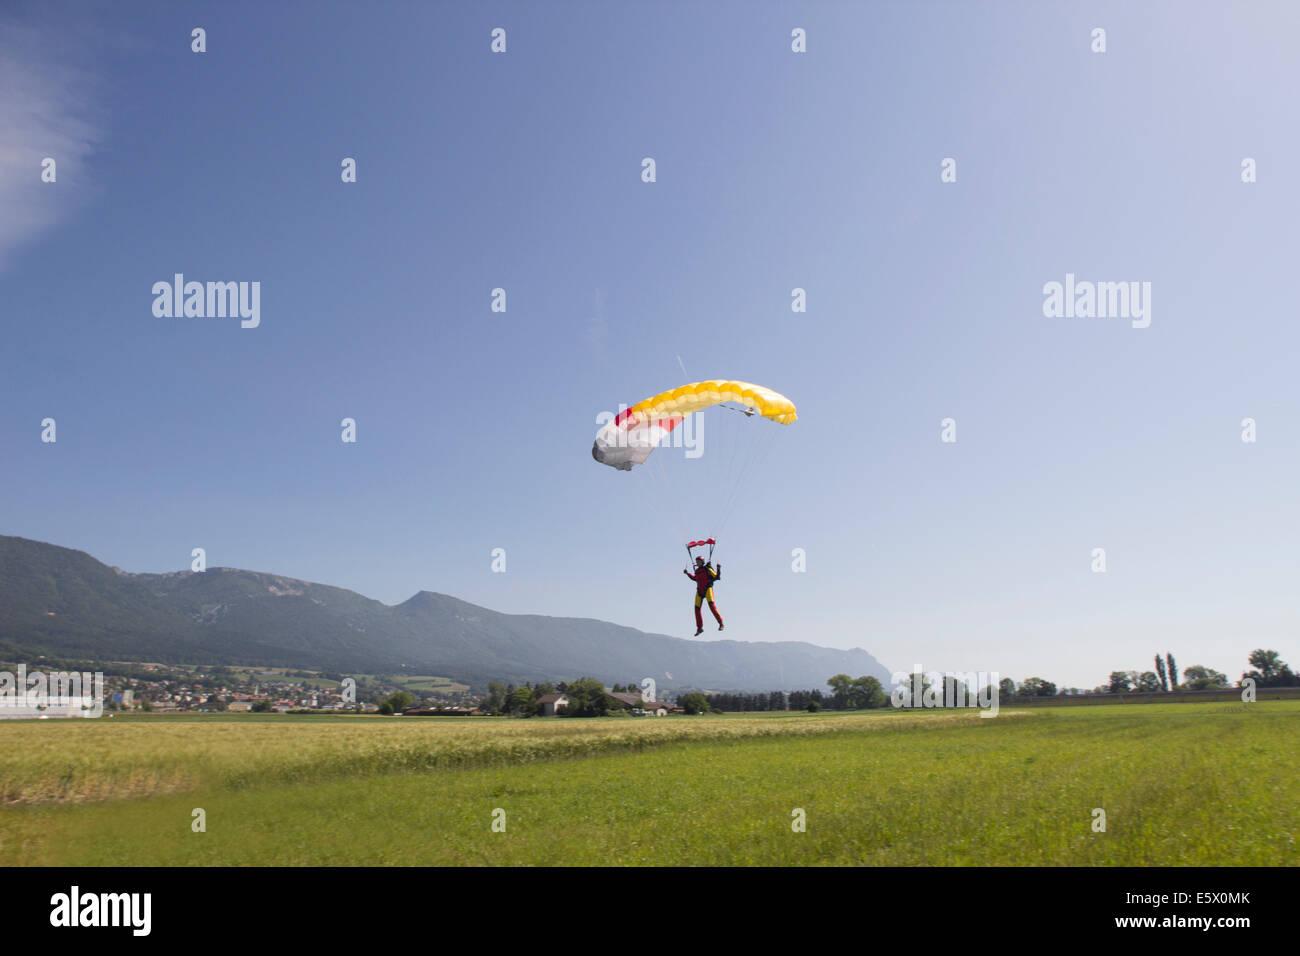 Femmina paracadutismo paracadutista in campo, avvicinandosi alla zona di atterraggio, Grenchen, Berna, Svizzera Immagini Stock